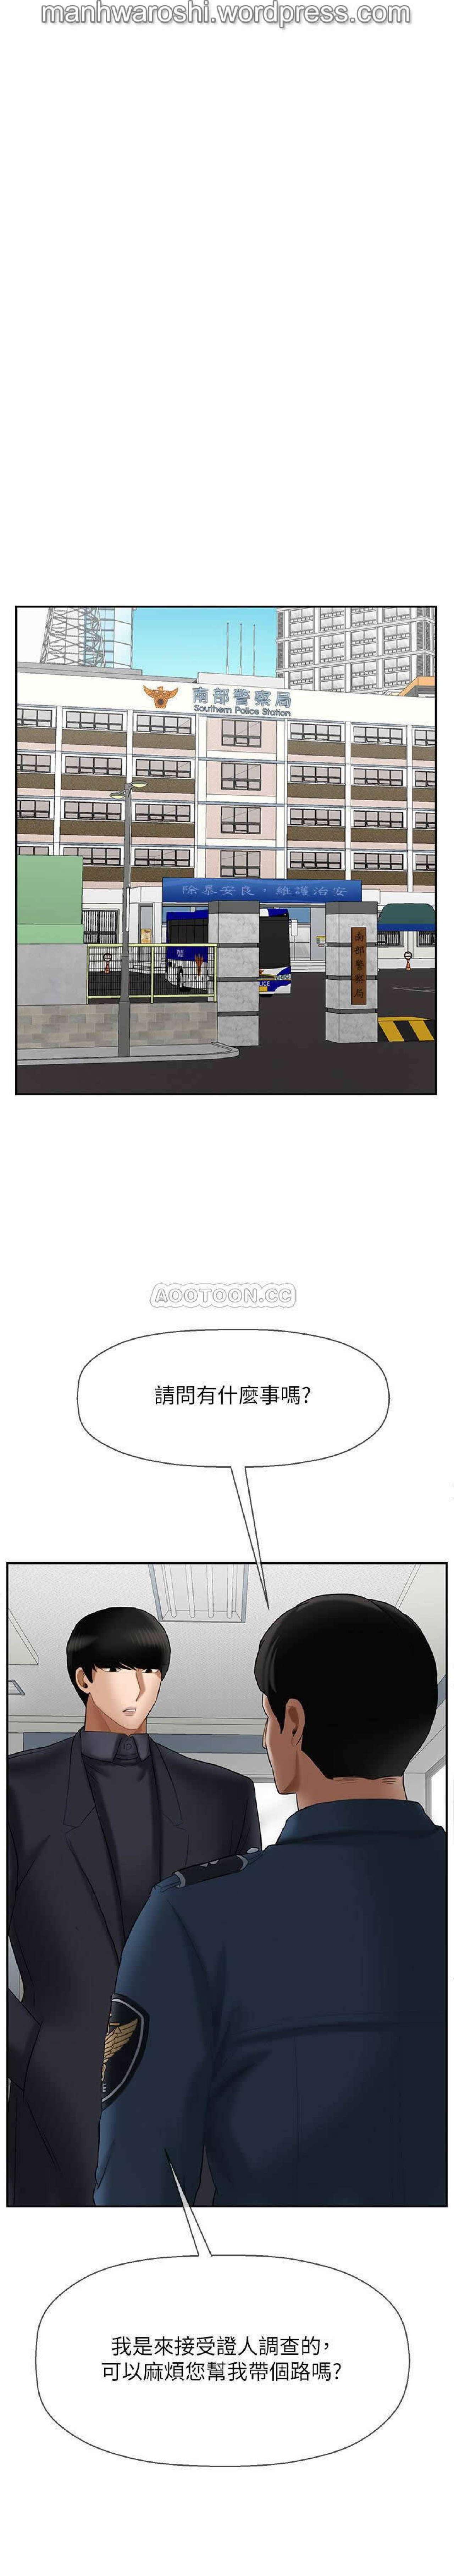 坏老师   PHYSICAL CLASSROOM 20 [Chinese] Manhwa 38